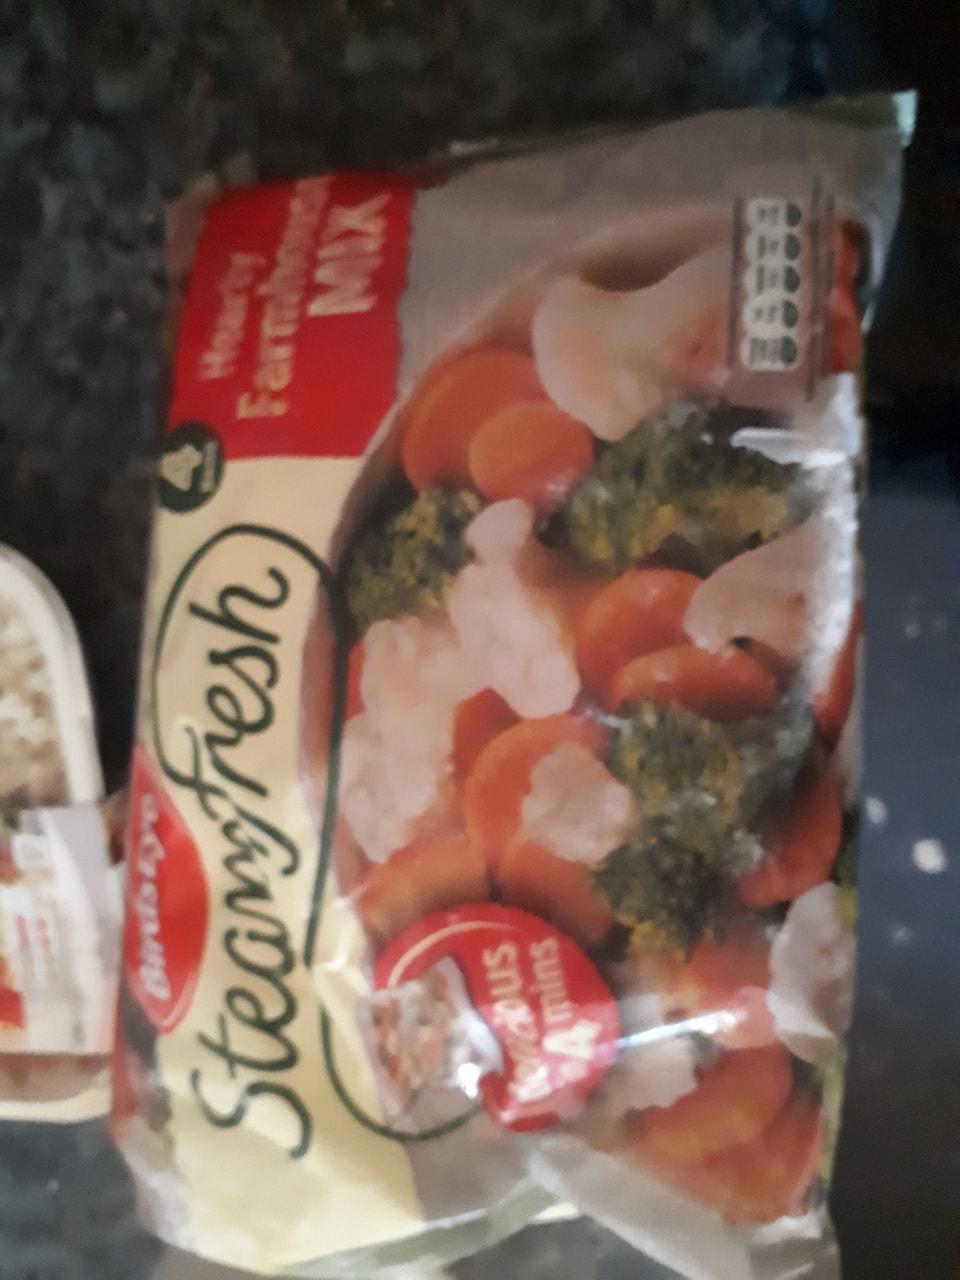 Microwave vegtables